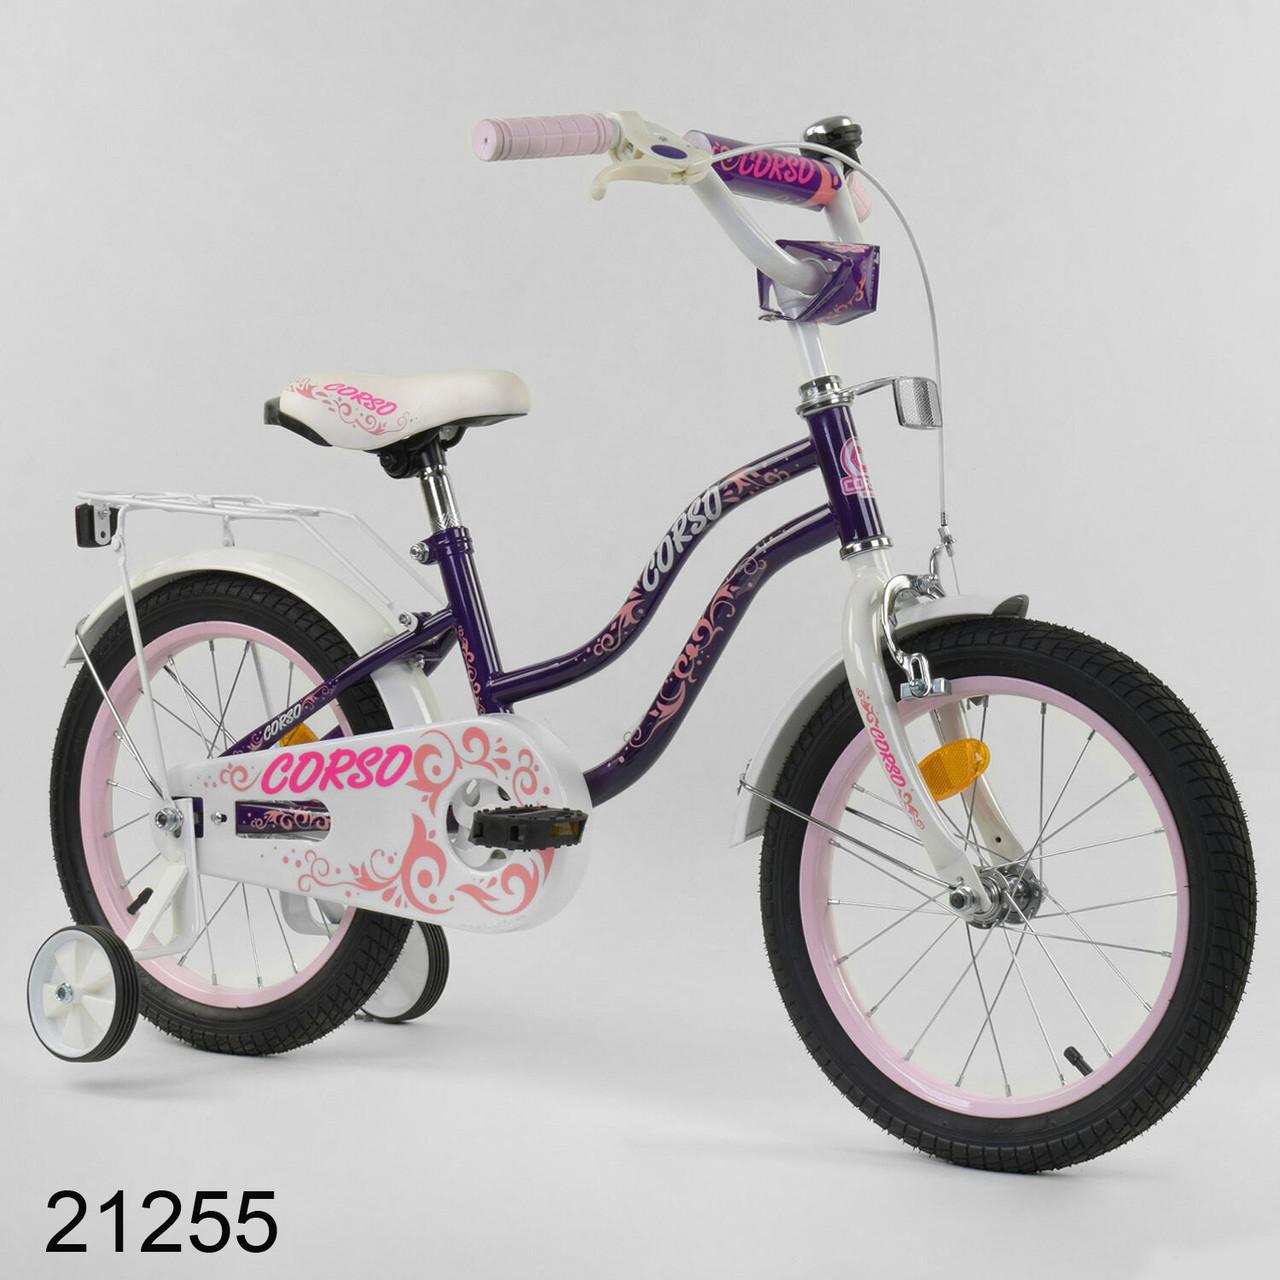 Велосипед Corso Т 16 дюймів 21255